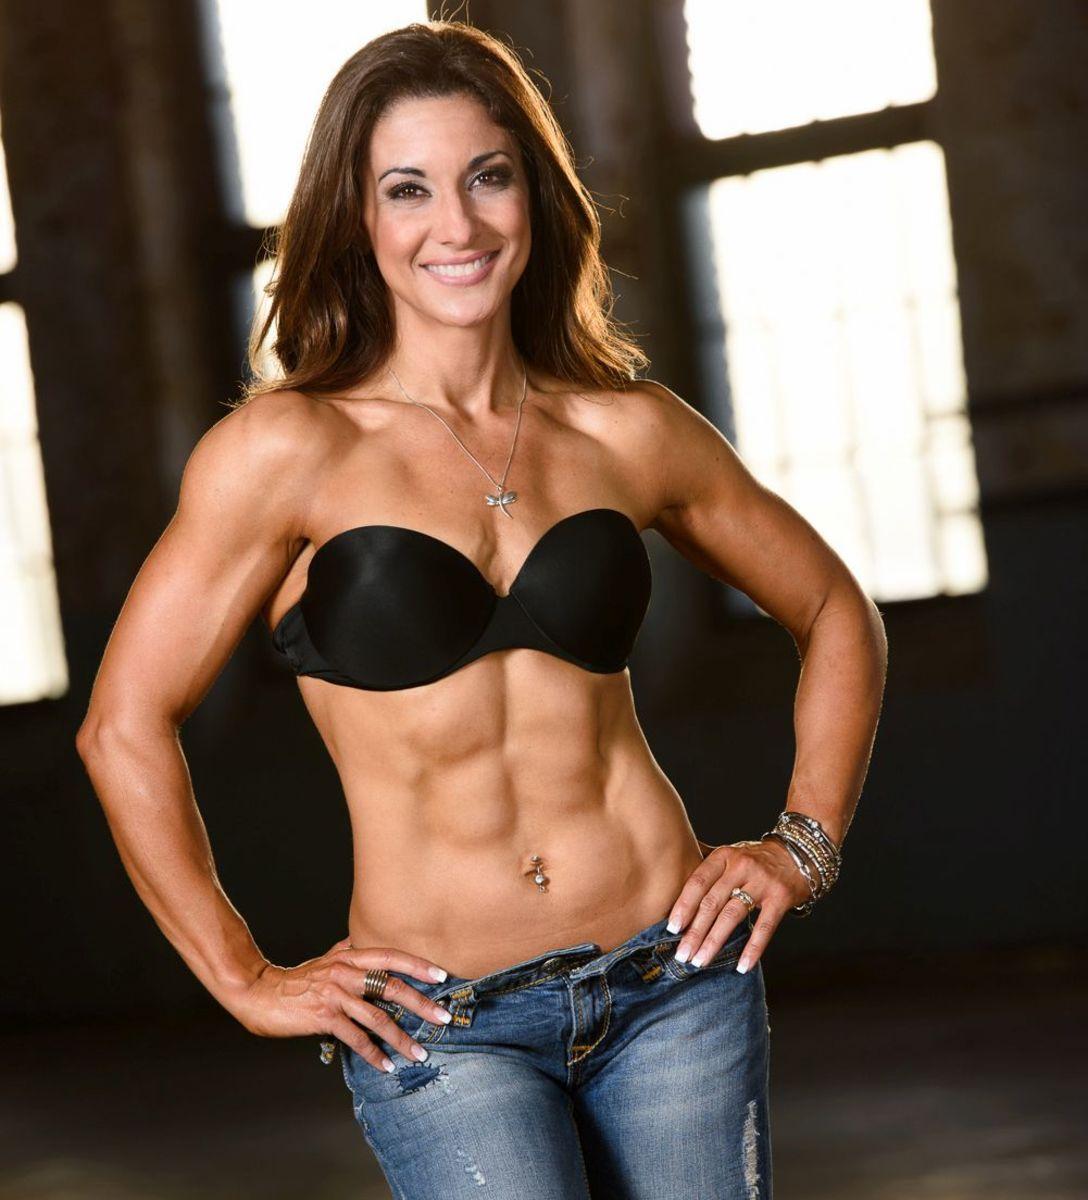 IFBB Pro Figure Competitor Maggie Corso